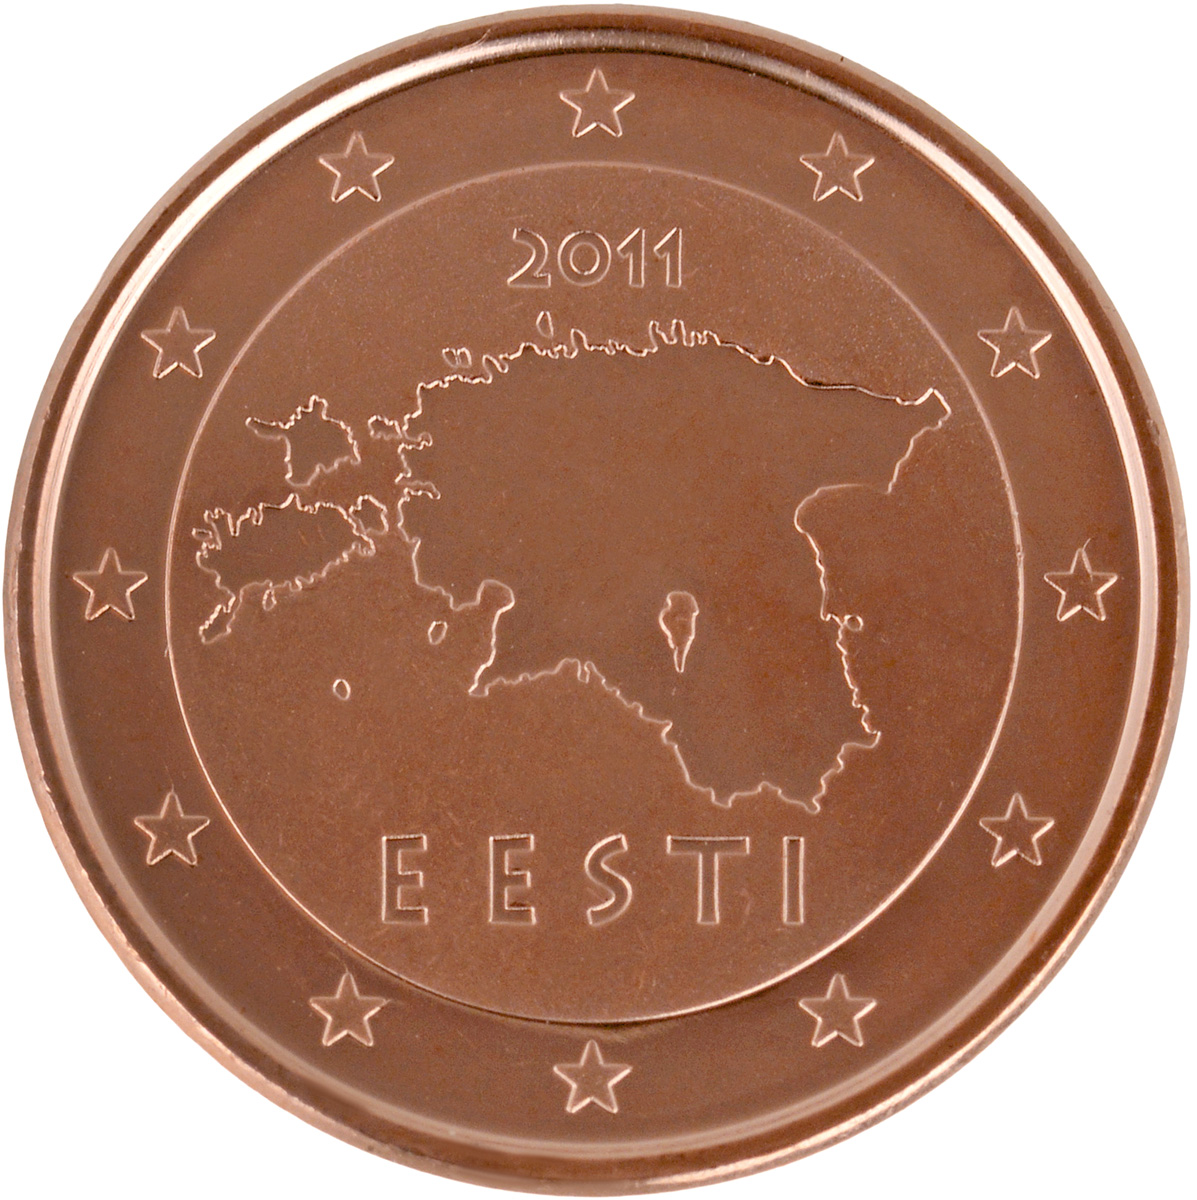 Монета номиналом 1 евроцент.  Сталь с медным покрытием.  Австрия, 2017 год Диаметр - 16 мм. Монета номиналом 1 евроцент. Австрия 2017...